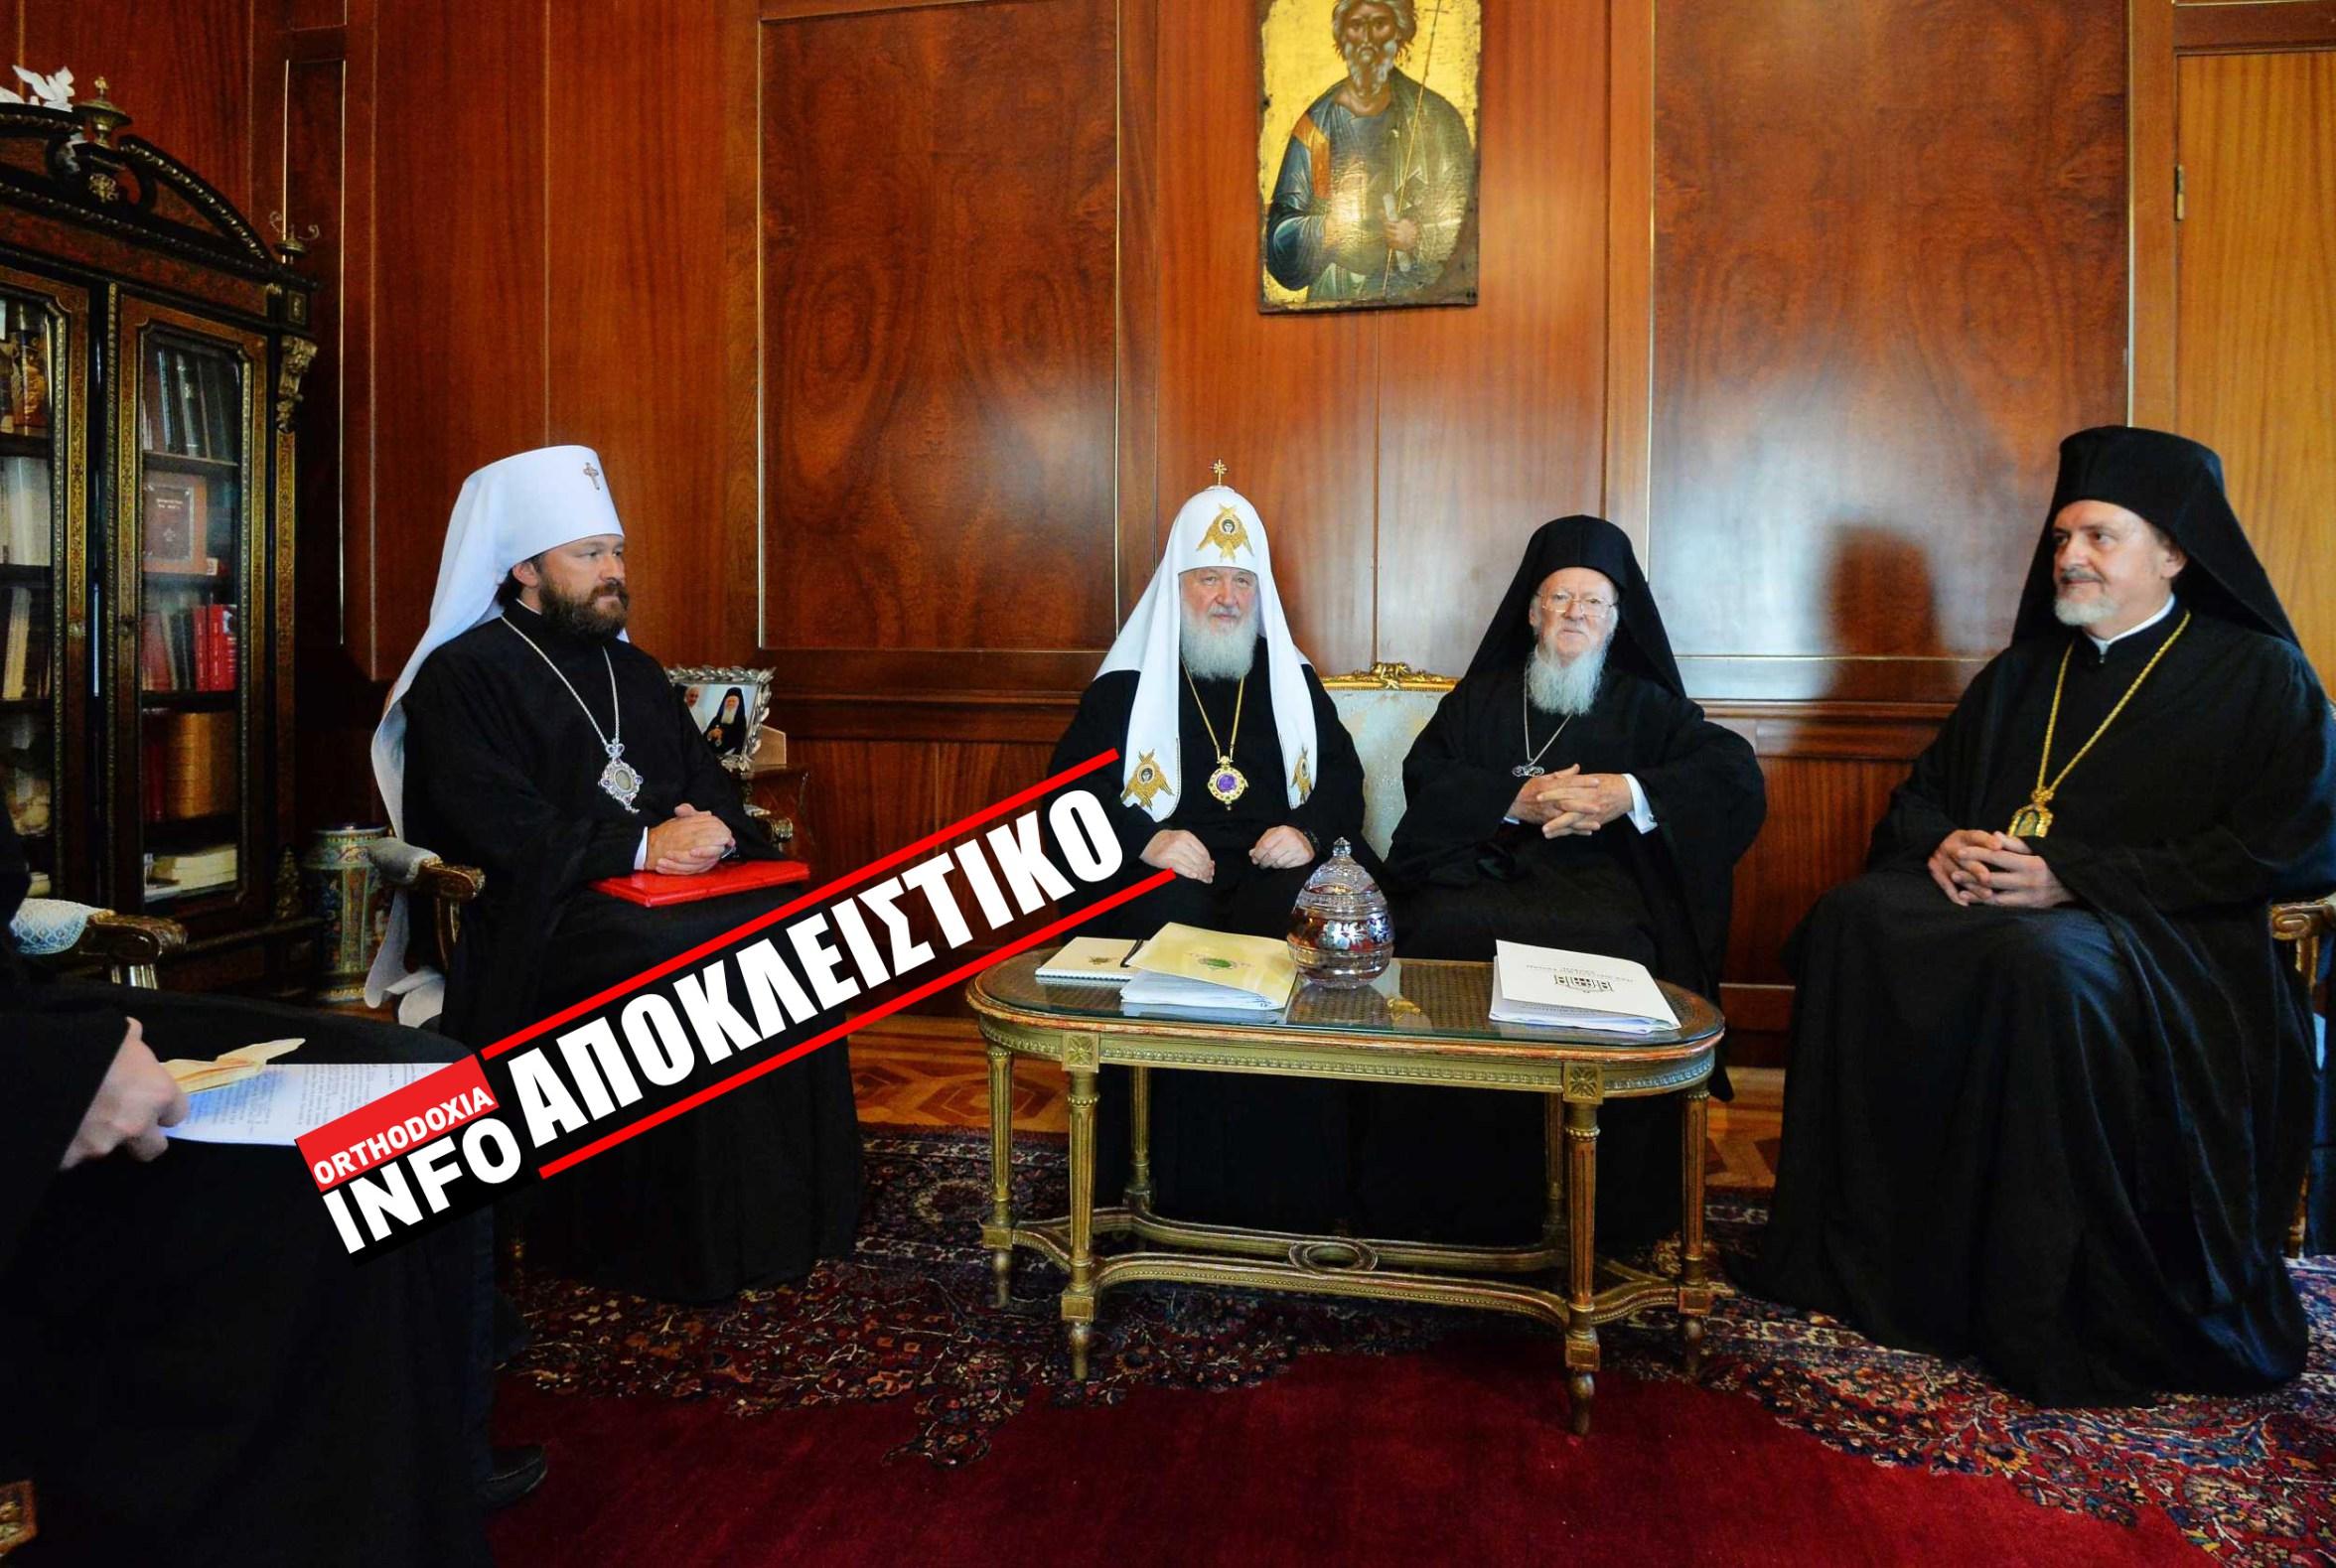 Диалоги Патриархов Константинопольского и Московского при встрече на Фанаре